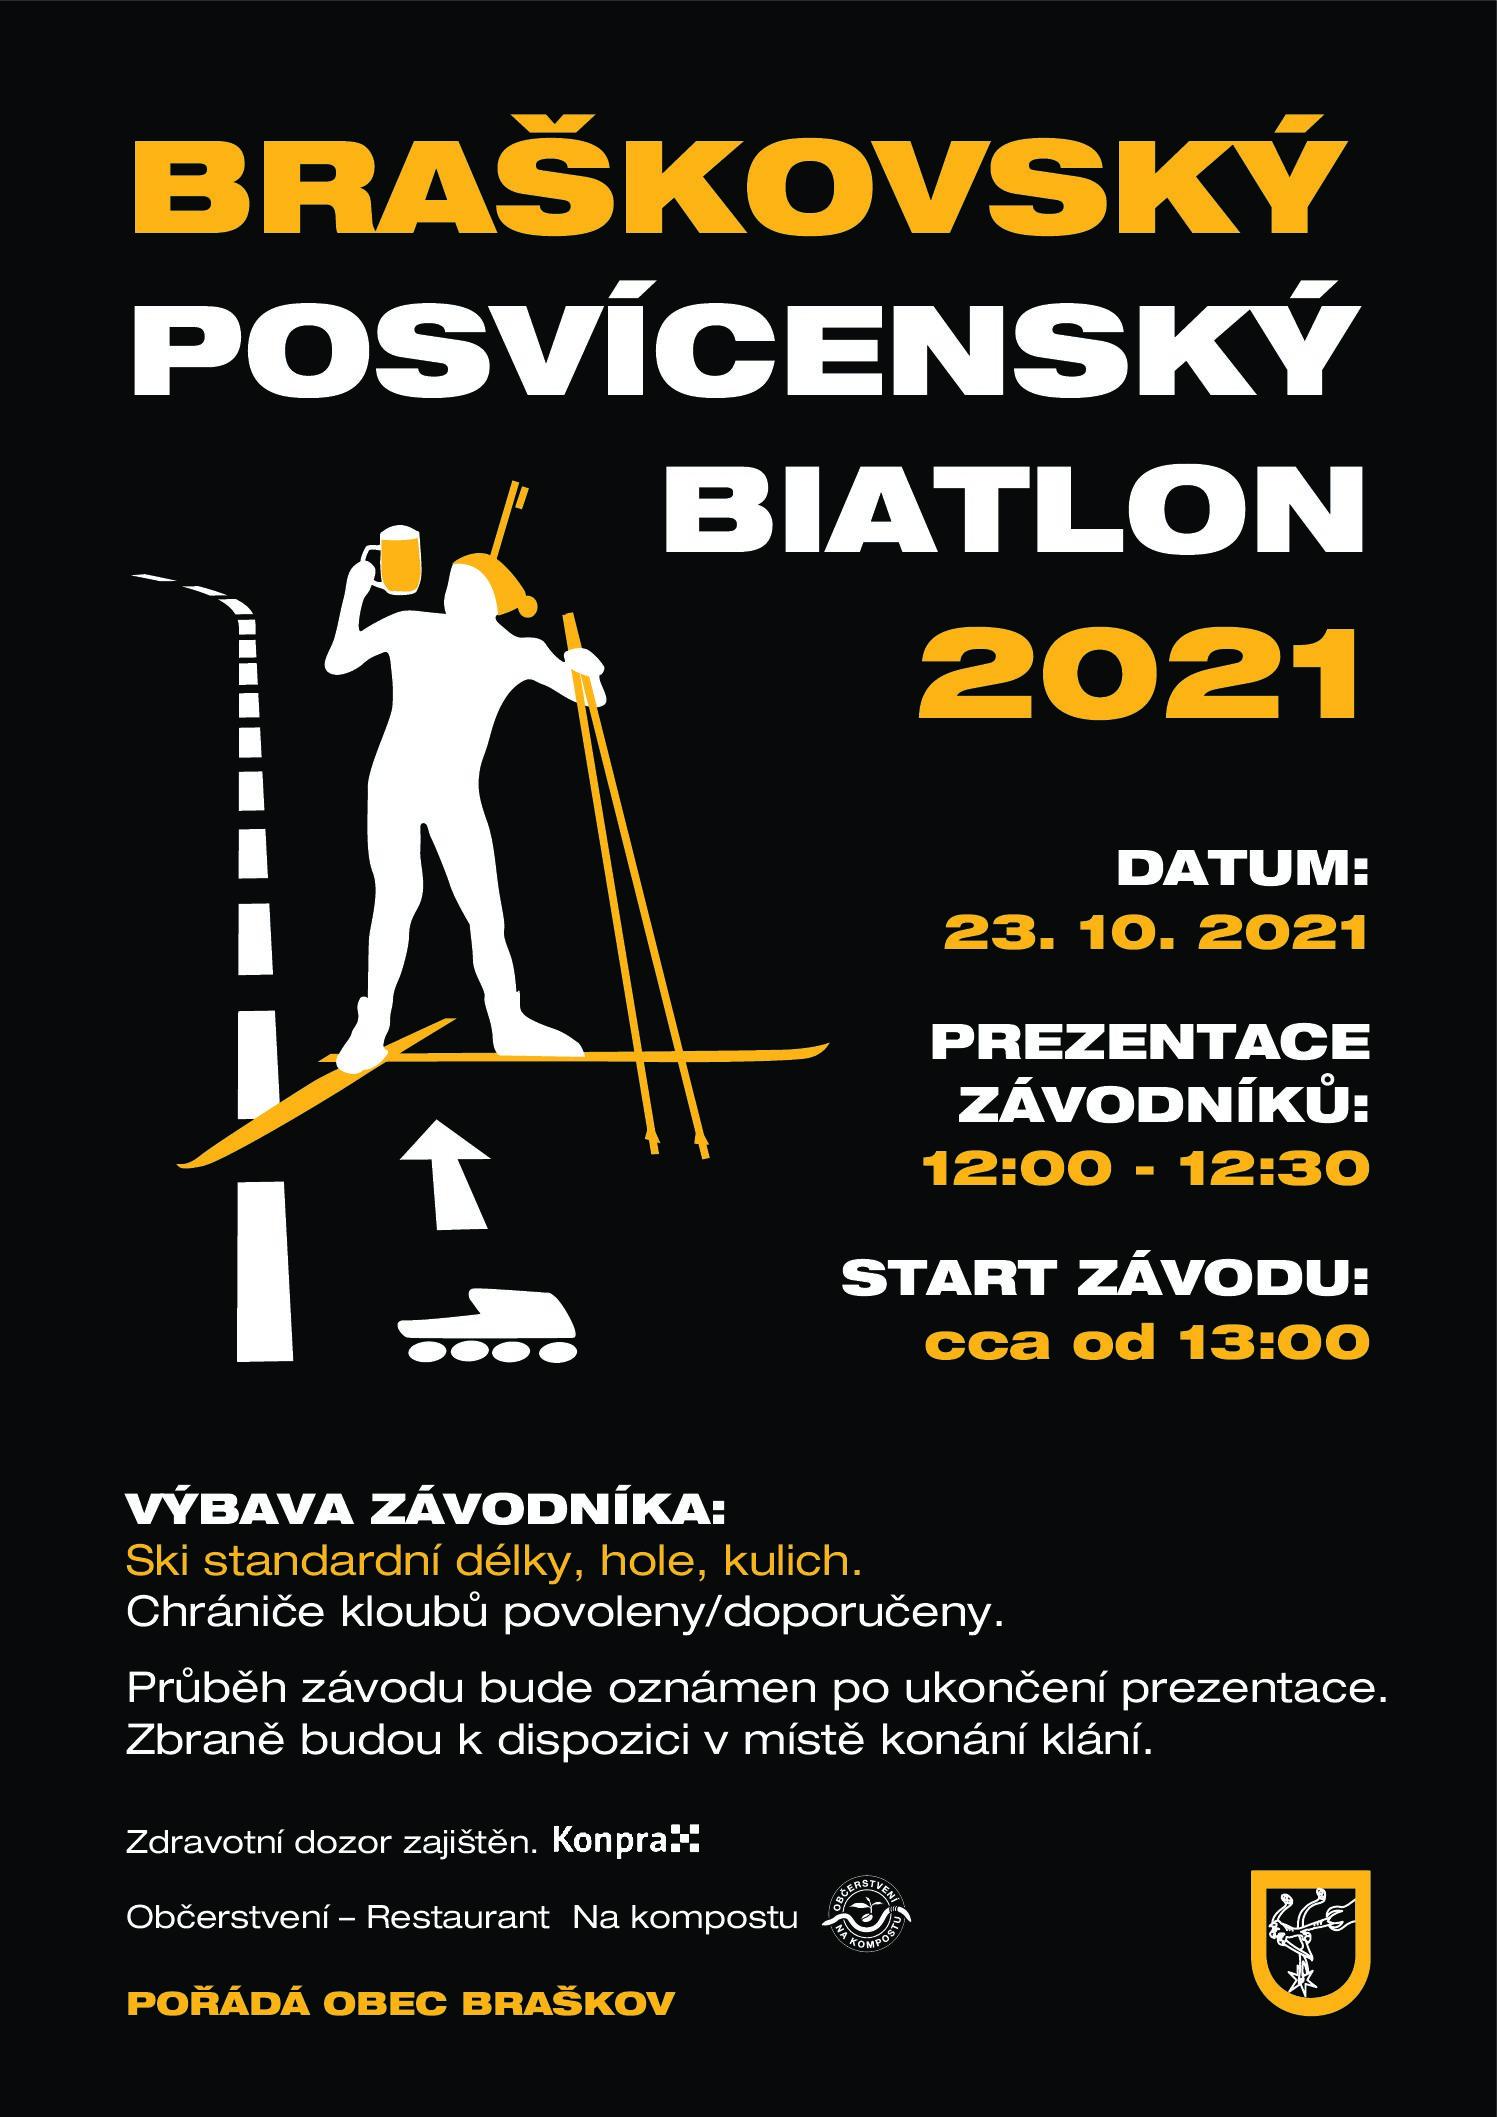 BRAŠKOVSKÝ POSVÍCENSKÝ BIATLON 2021